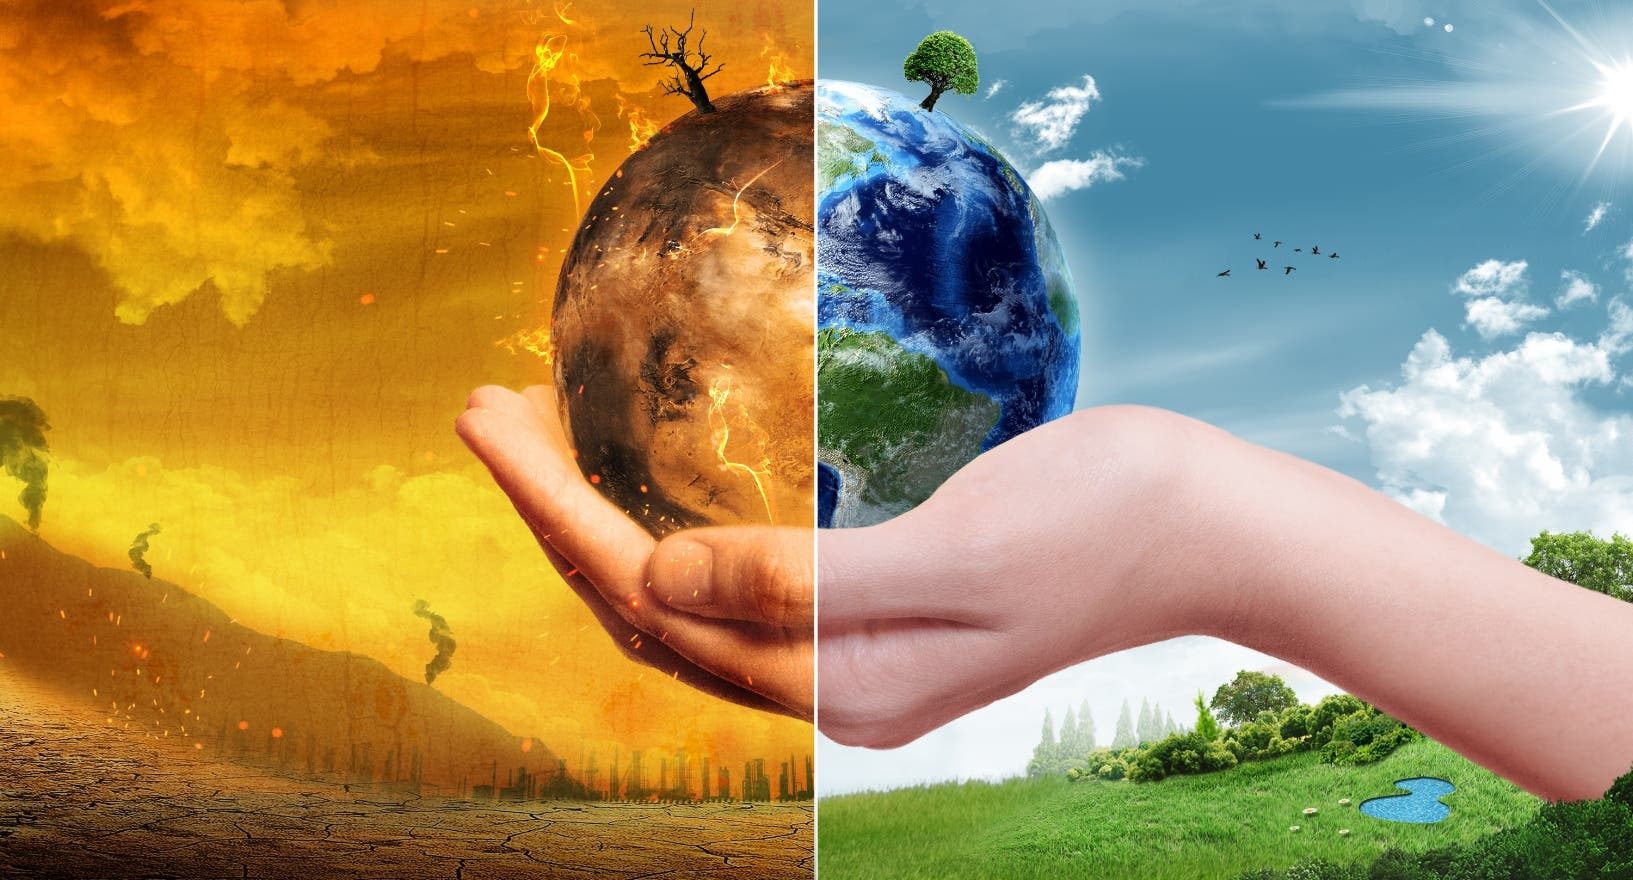 La preservación de los recursos naturales  ayuda  a evitar  el calentamiento global y sus impactos negativos.